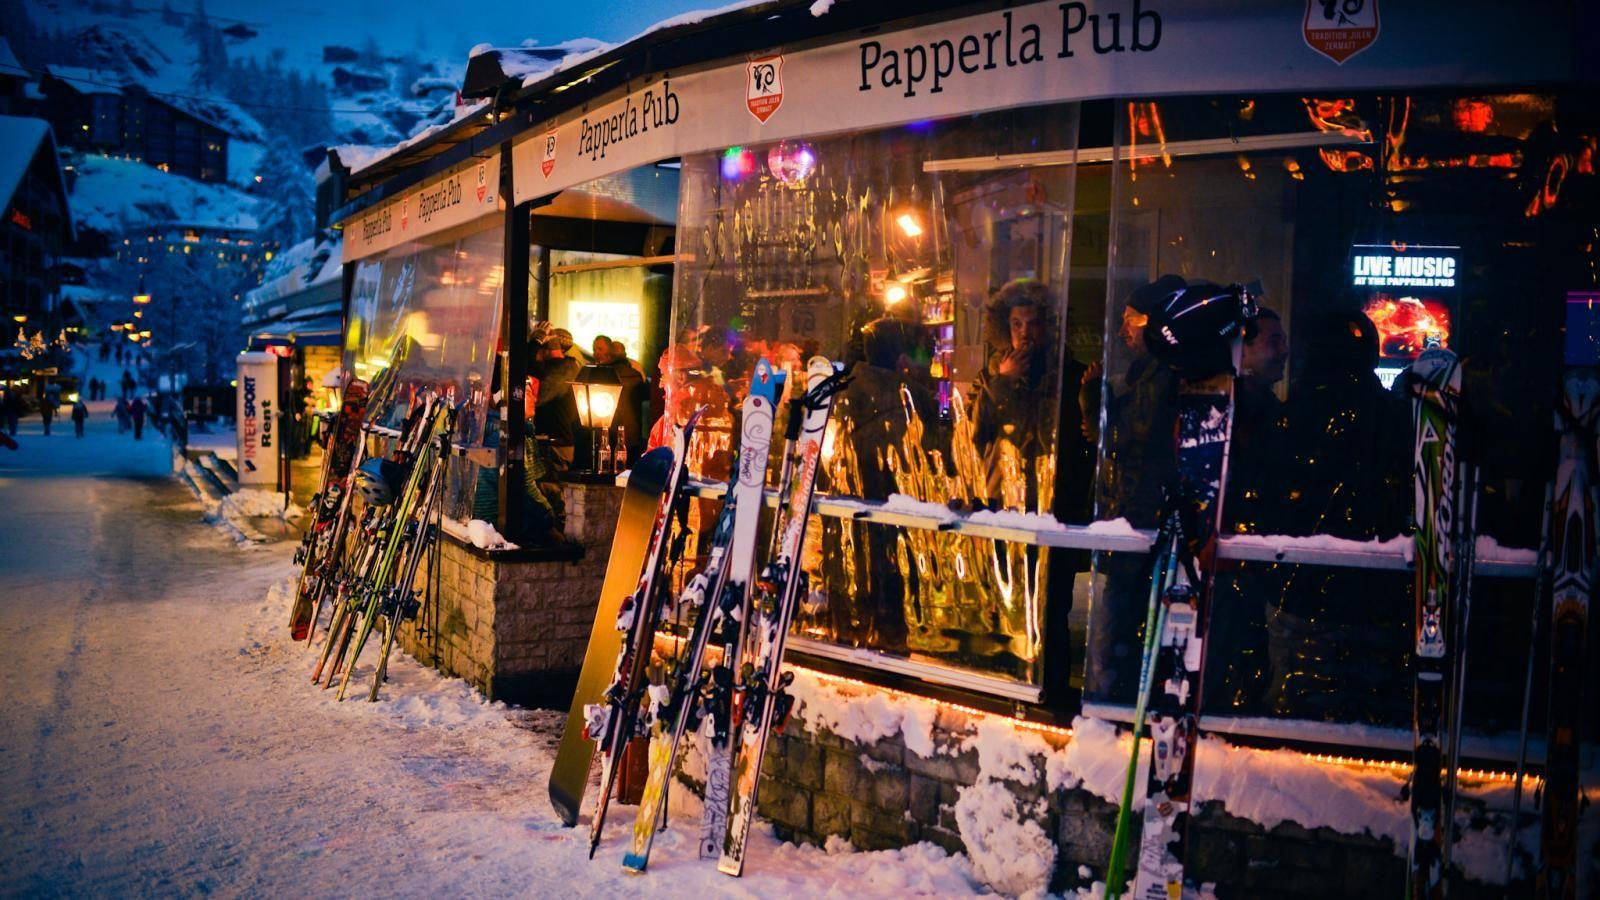 Willkommen Im Papperla Pub Mit Bildern Ischgl Ski Alpin Skigebiete